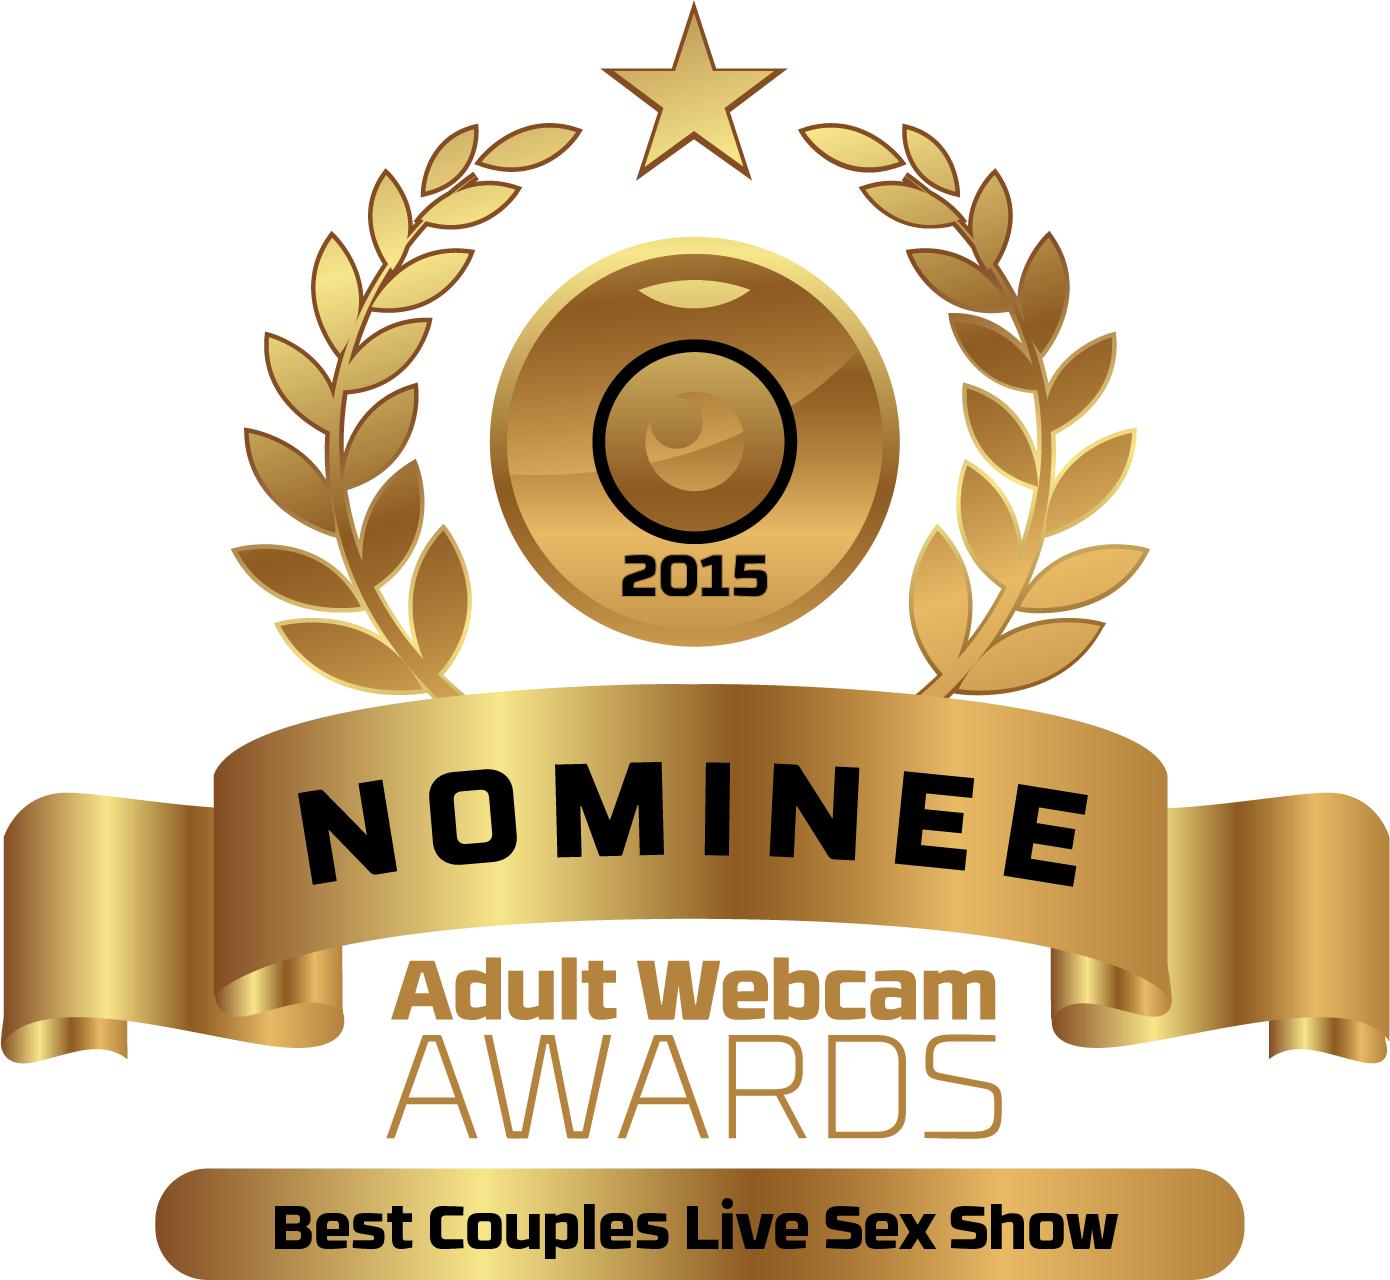 Best live couples webcam show nominee